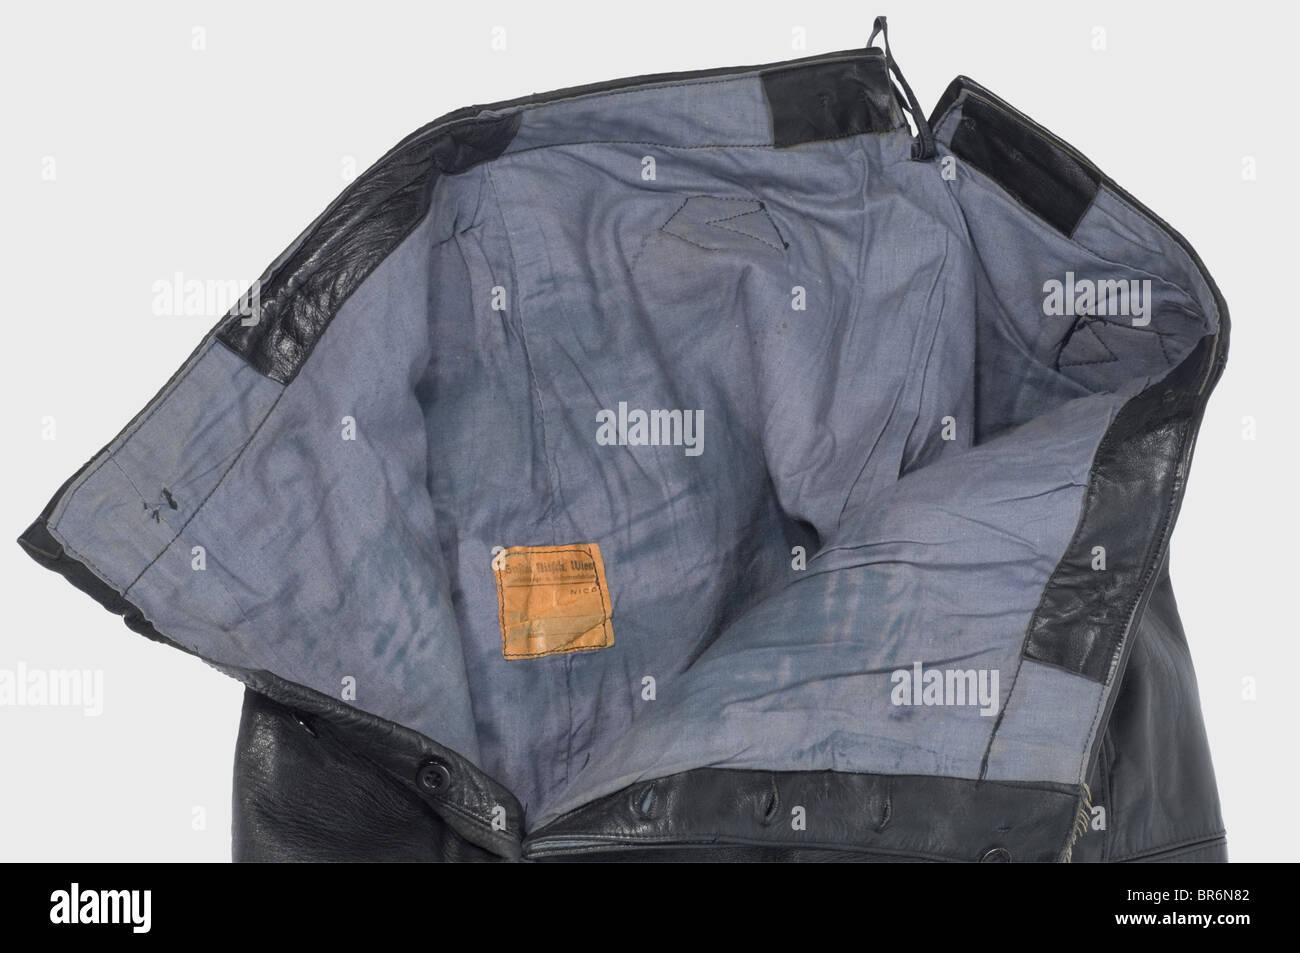 Una especial uniforme de cuero negro para tropas Panzer. 80e85c816f3